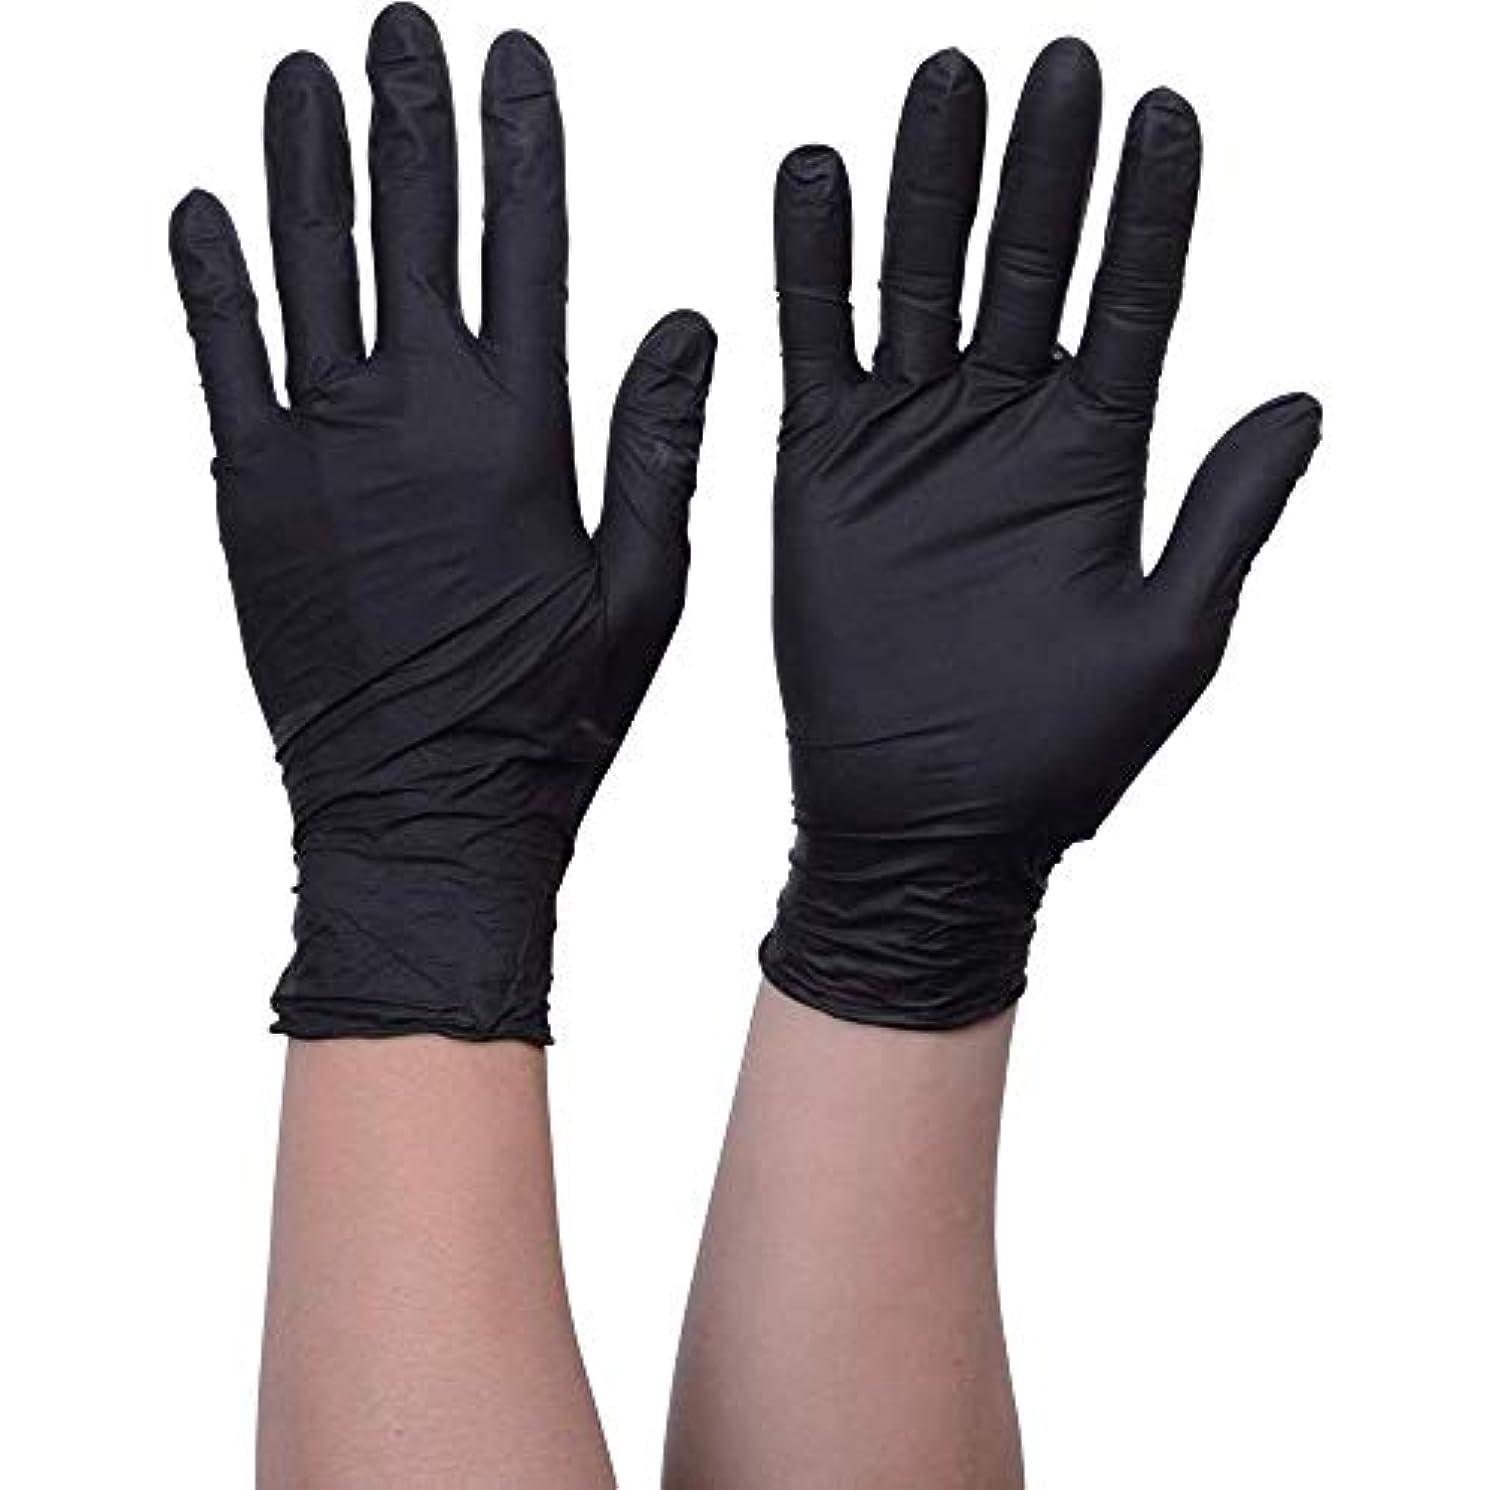 後コカイン電気技師ニトリル手袋 使い捨て手袋防水耐油耐久性が強い上に軽く高品質ブラック100枚入